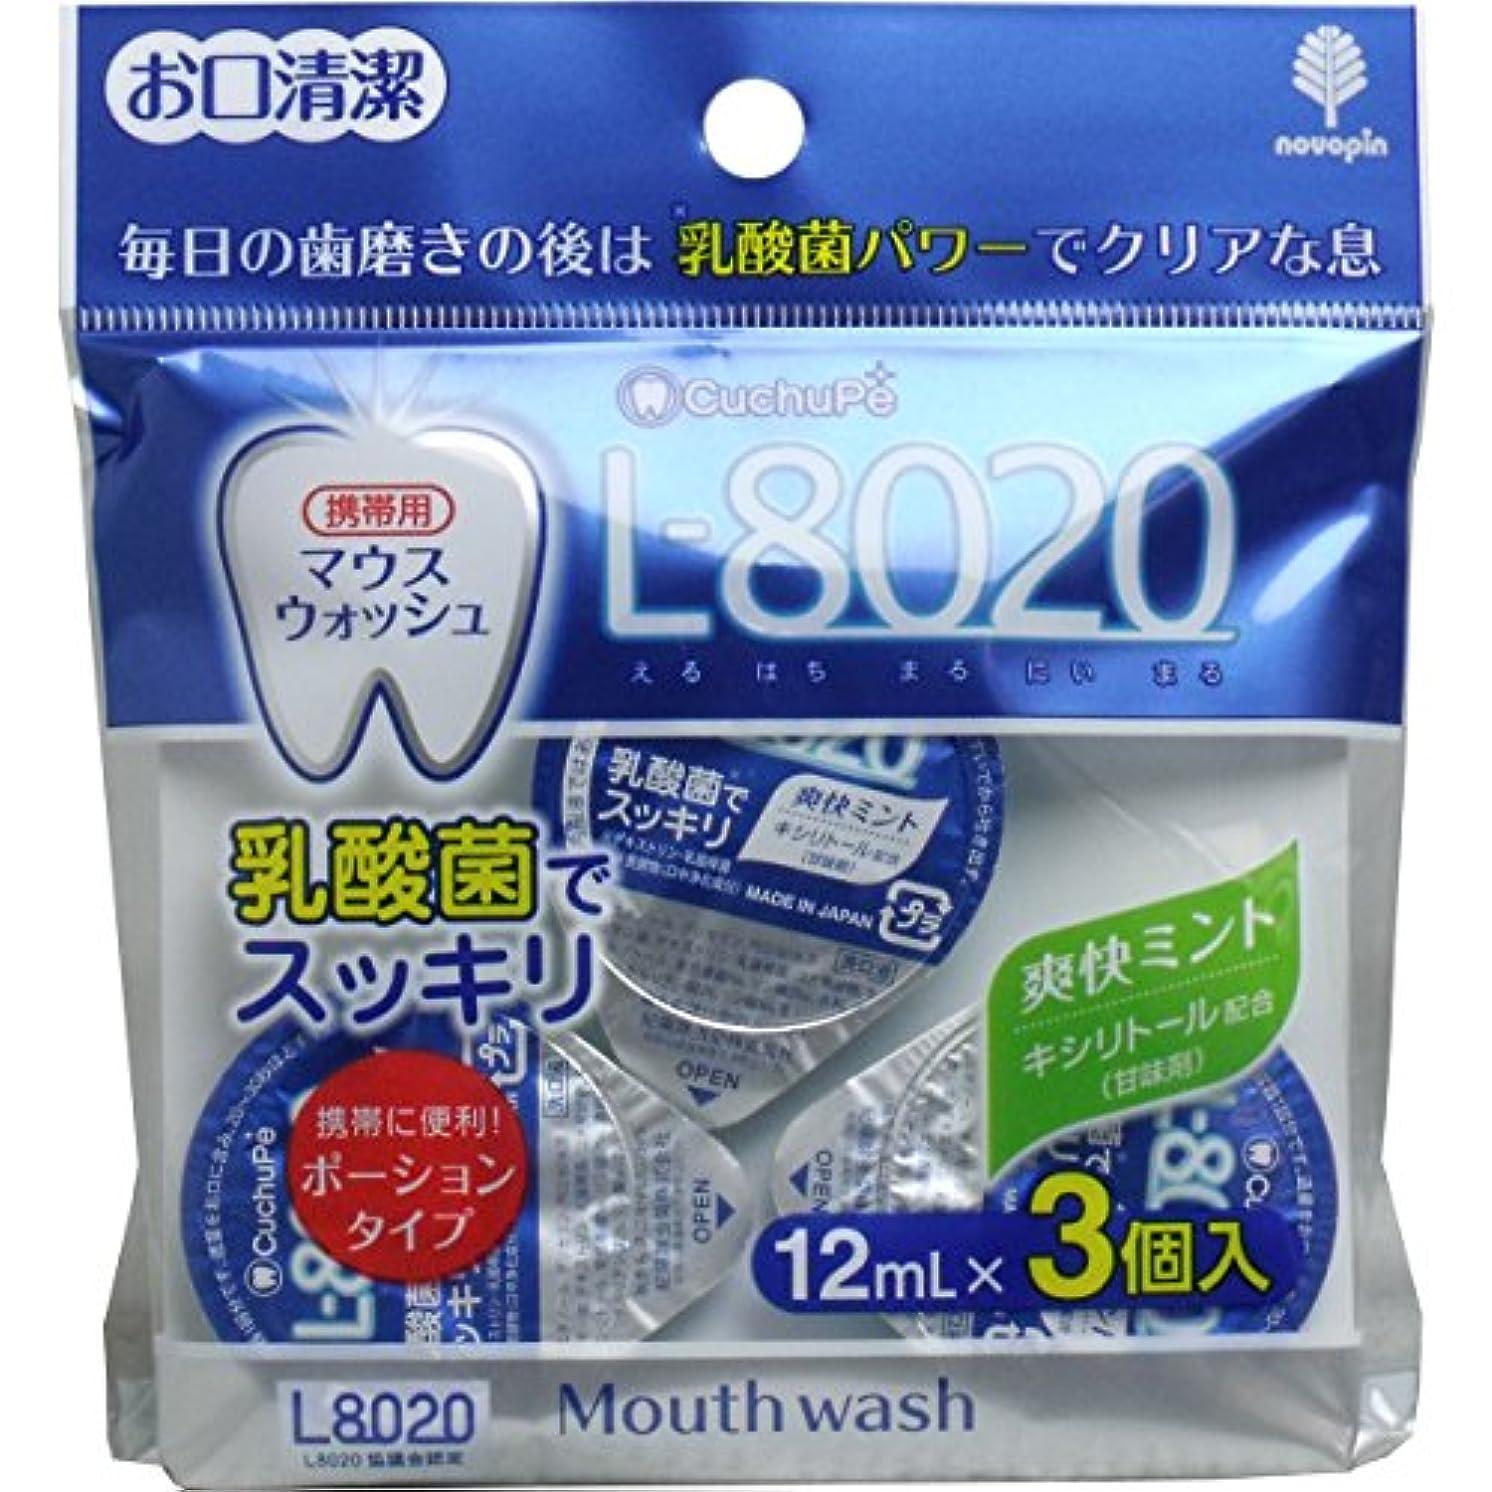 ポンド塩辛い弱いクチュッペ L-8020 マウスウォッシュ 爽快ミント ポーションタイプ 3個入